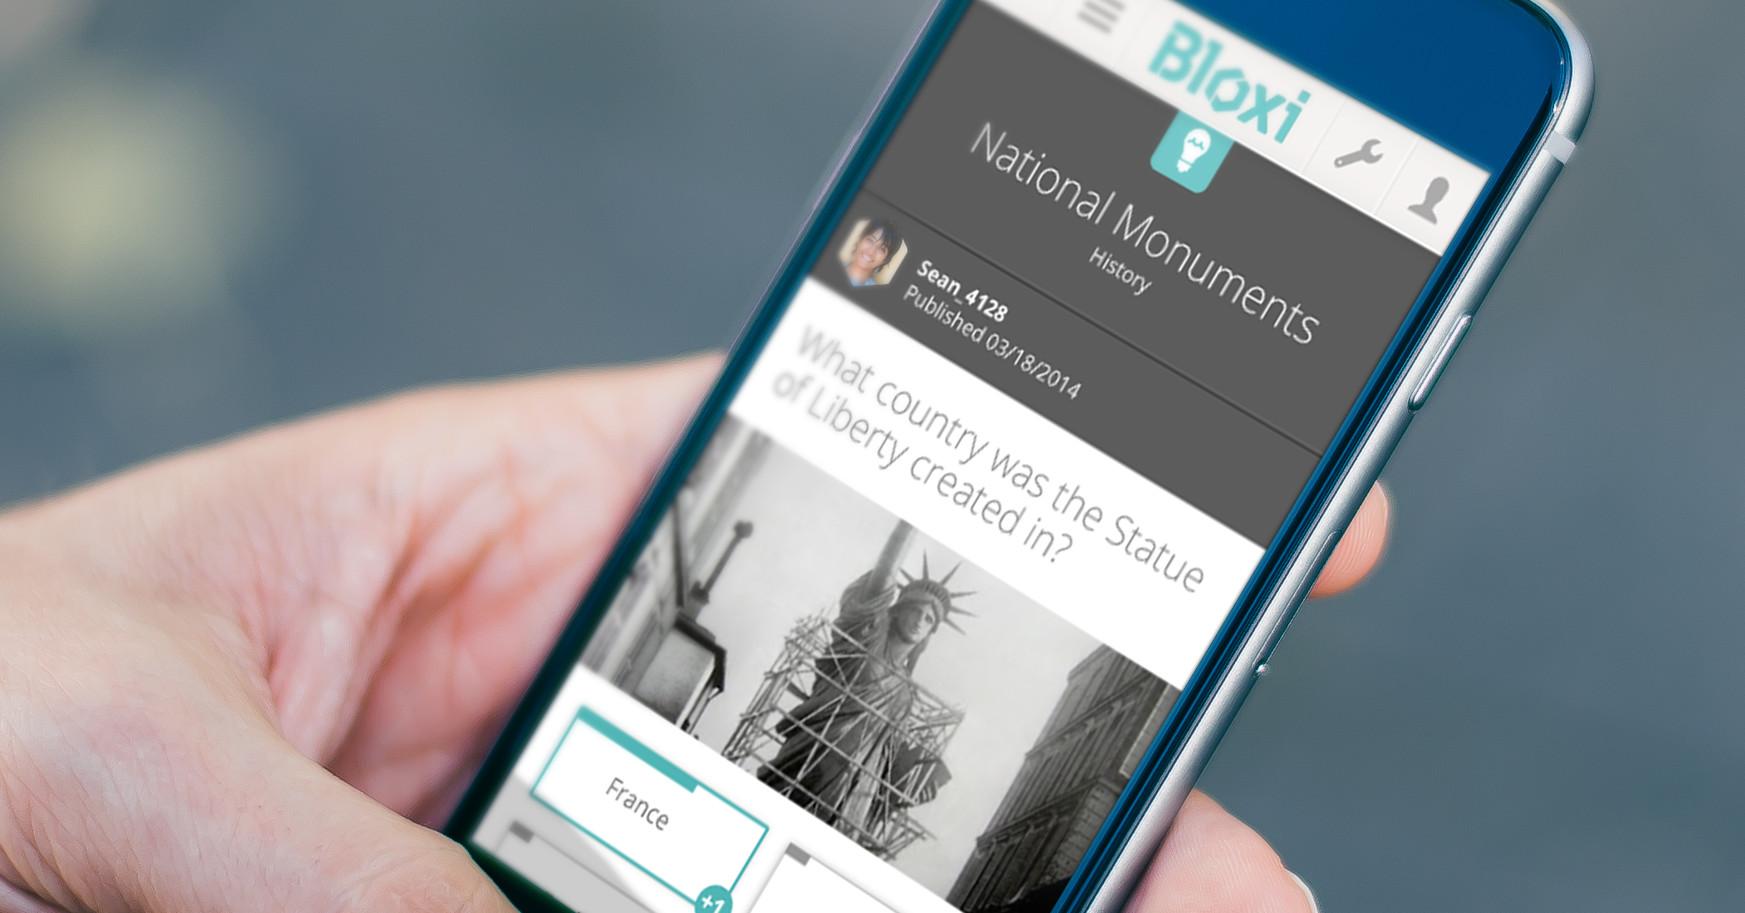 2 Bloxi phone